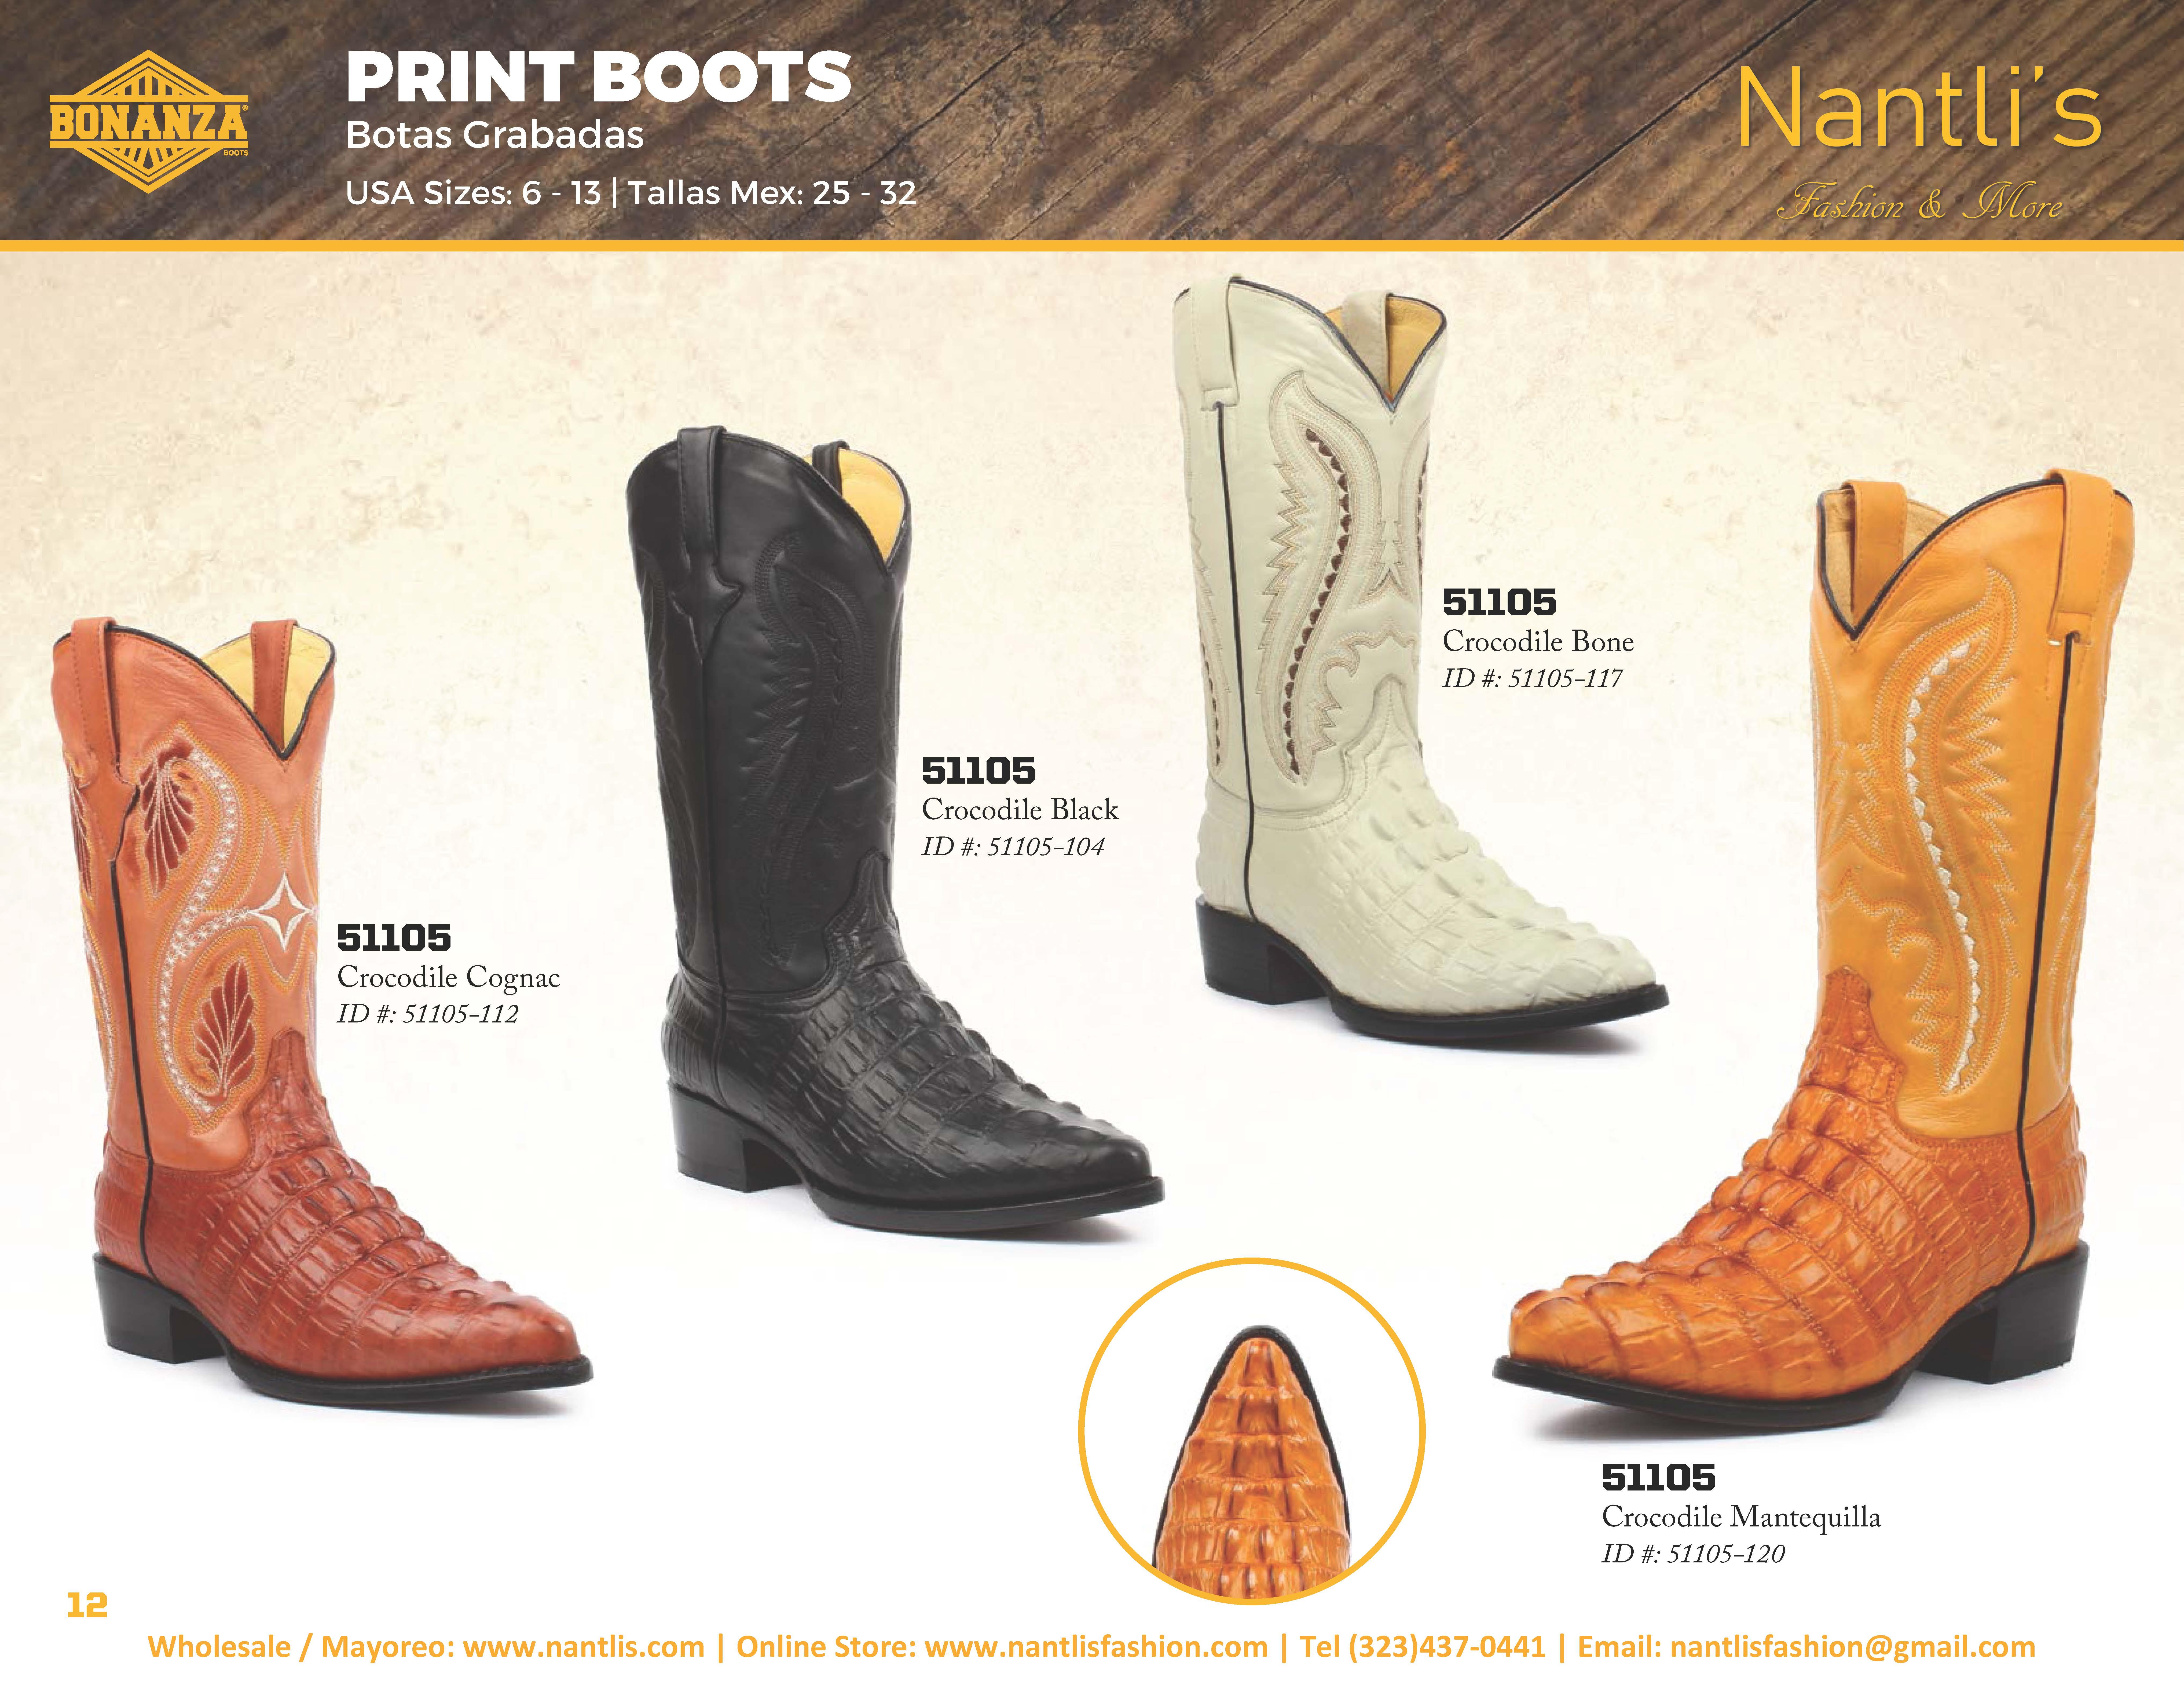 5b6c71ff74 Nantlis-Bonanza vol 4 catalog botas vaqueras mayoreo Wholesale western  boots Page 12